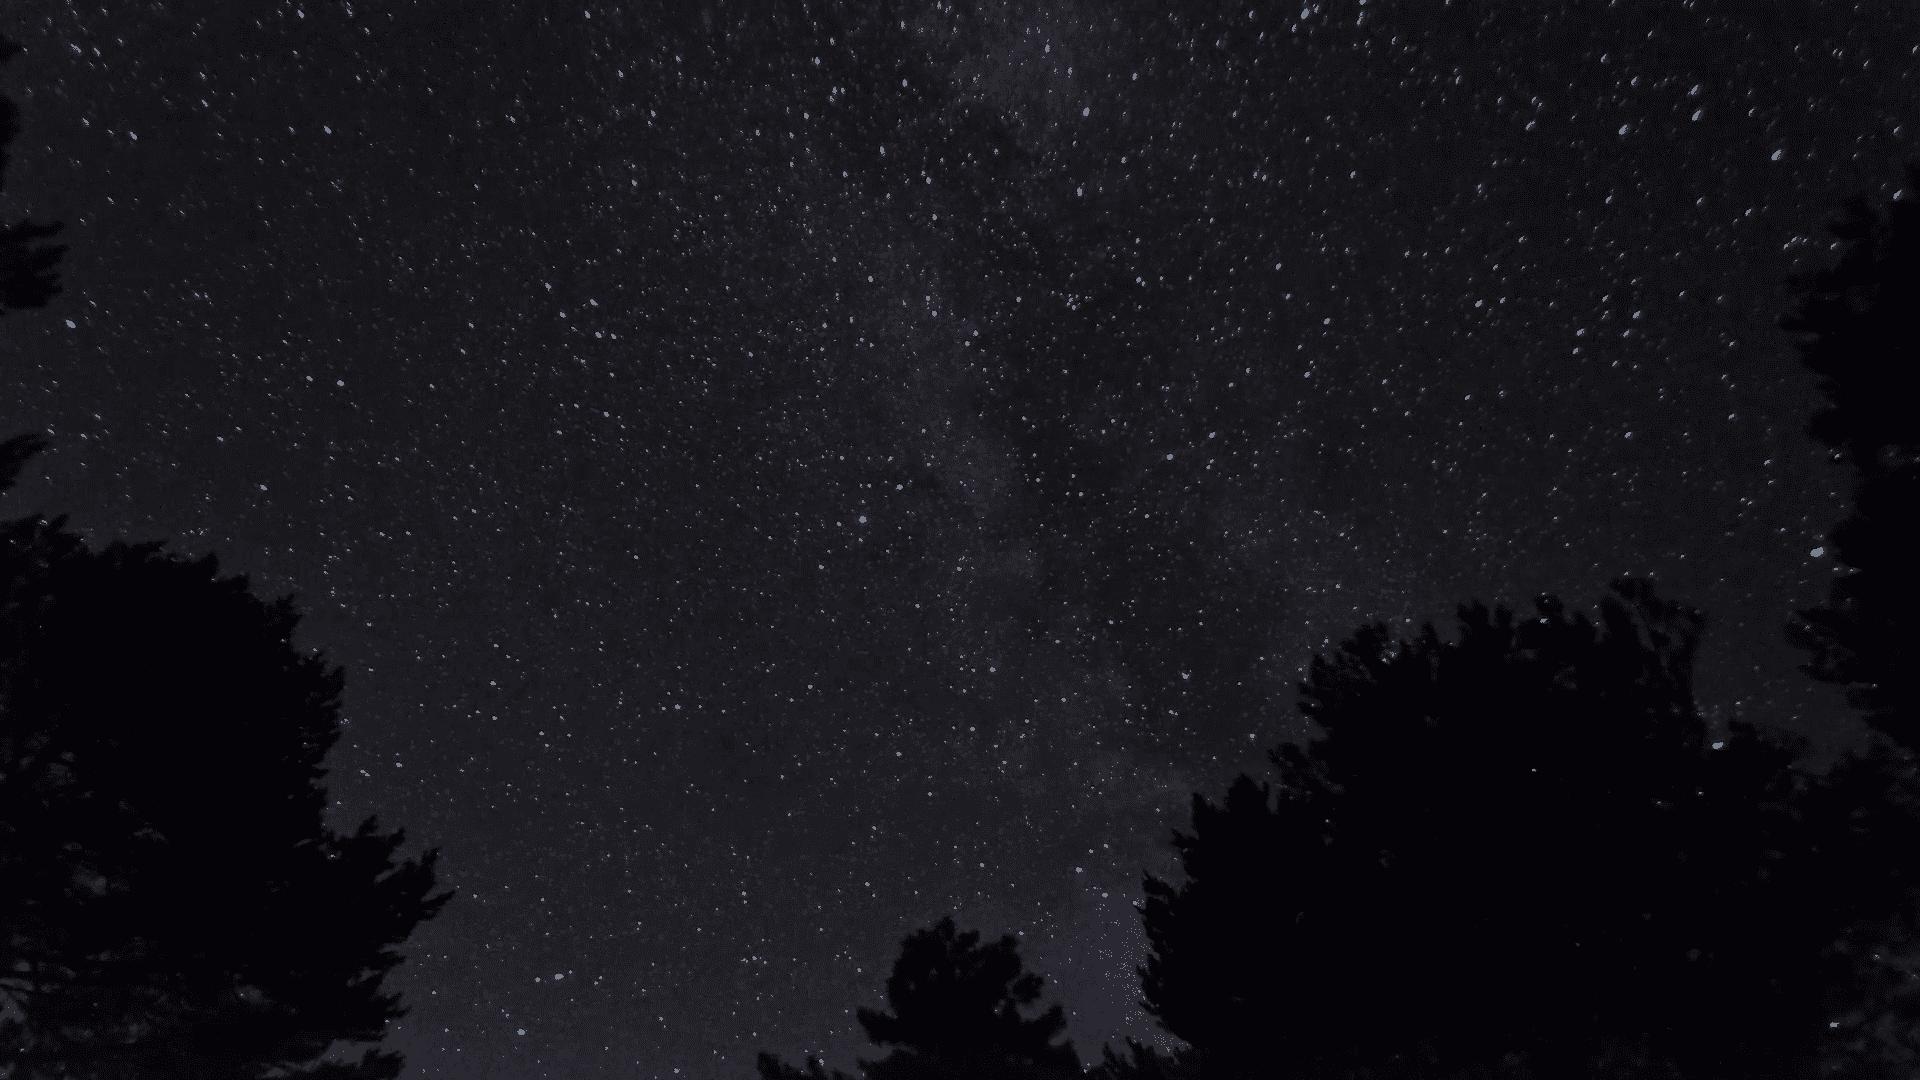 10 coisas que provavelmente você não sabe sobre estrelas